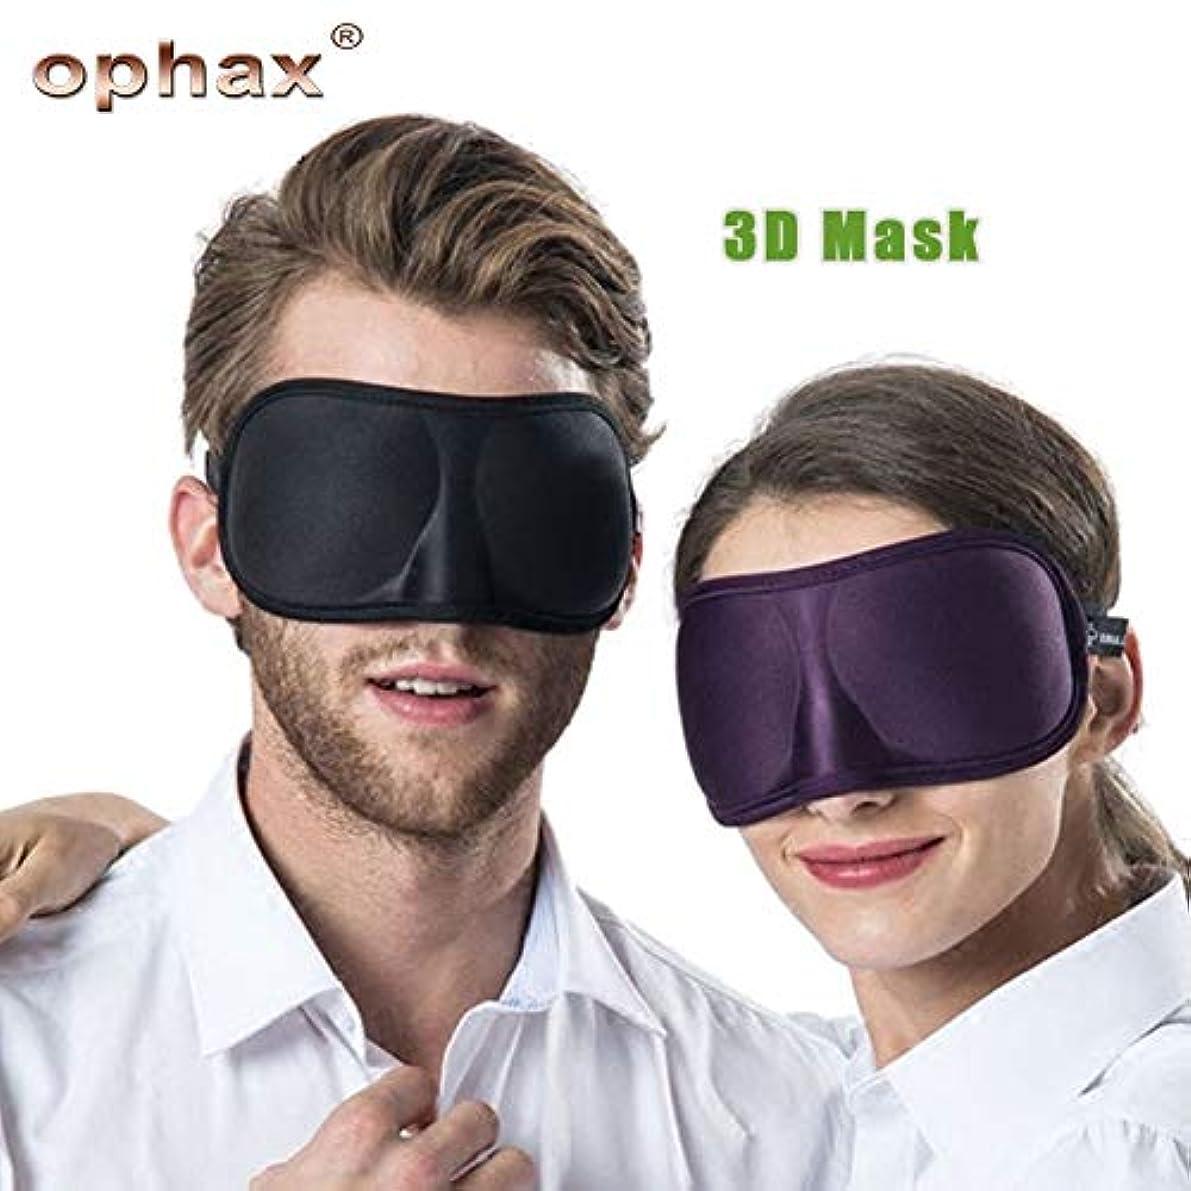 銛深さ見ました備考OPHAX 3D Sleep Mask超柔らかい通気性のあるファブリックアイシェードスリーピングアイマスクポータブルトラベルスリープレストエイドアイパッチリラクゼーション